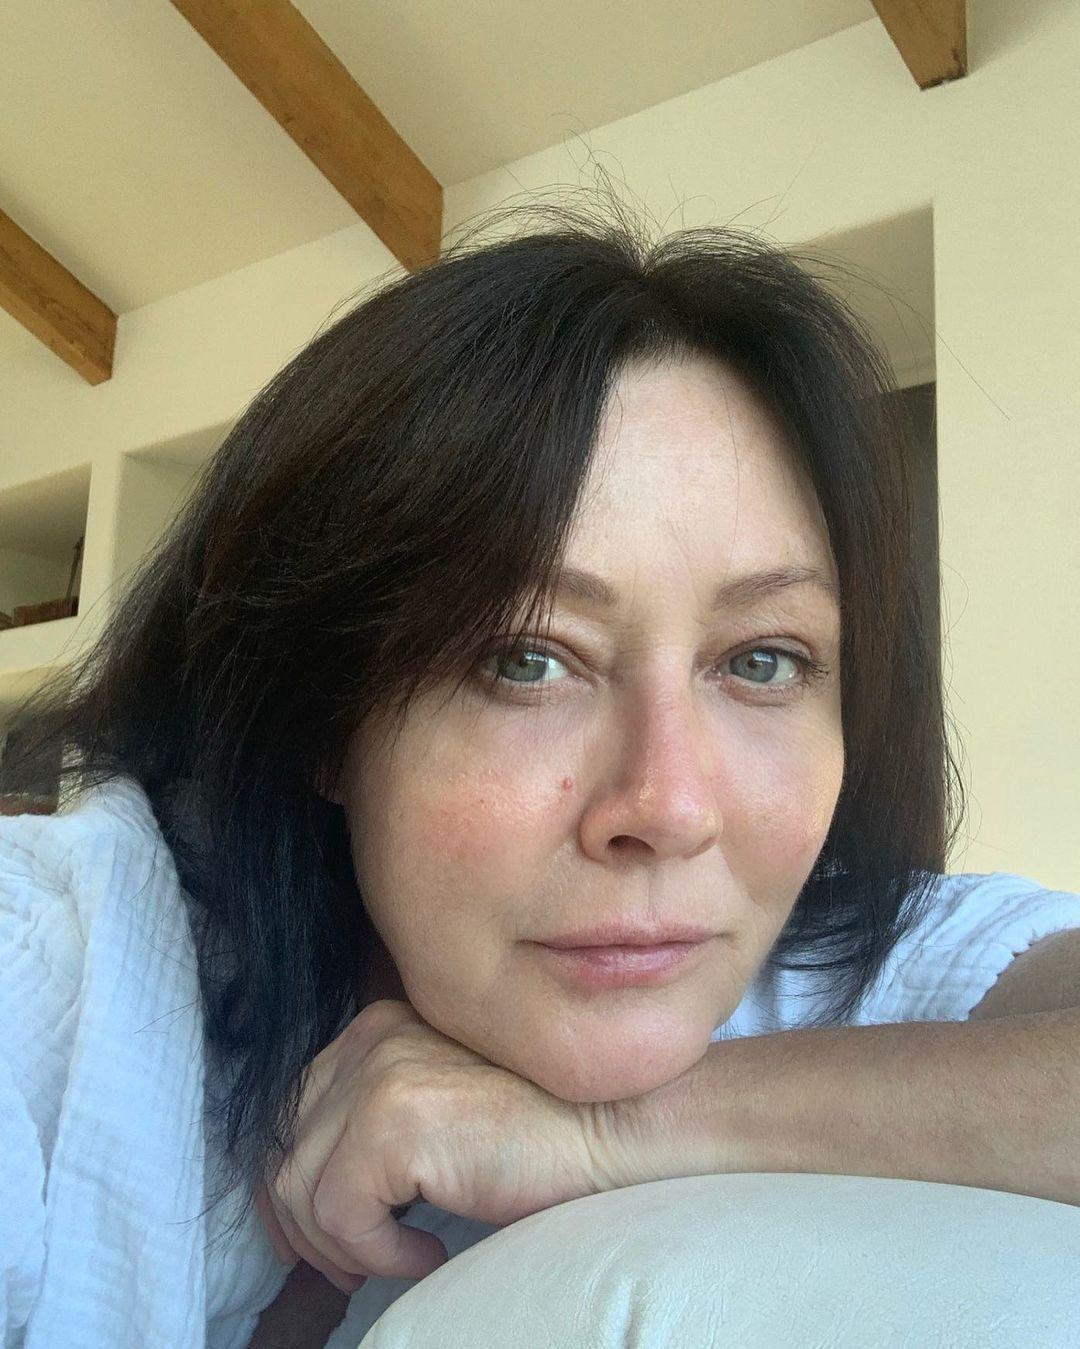 Шэннен Доэрти рассказала о болезни / фото - instagram.com/ theshando